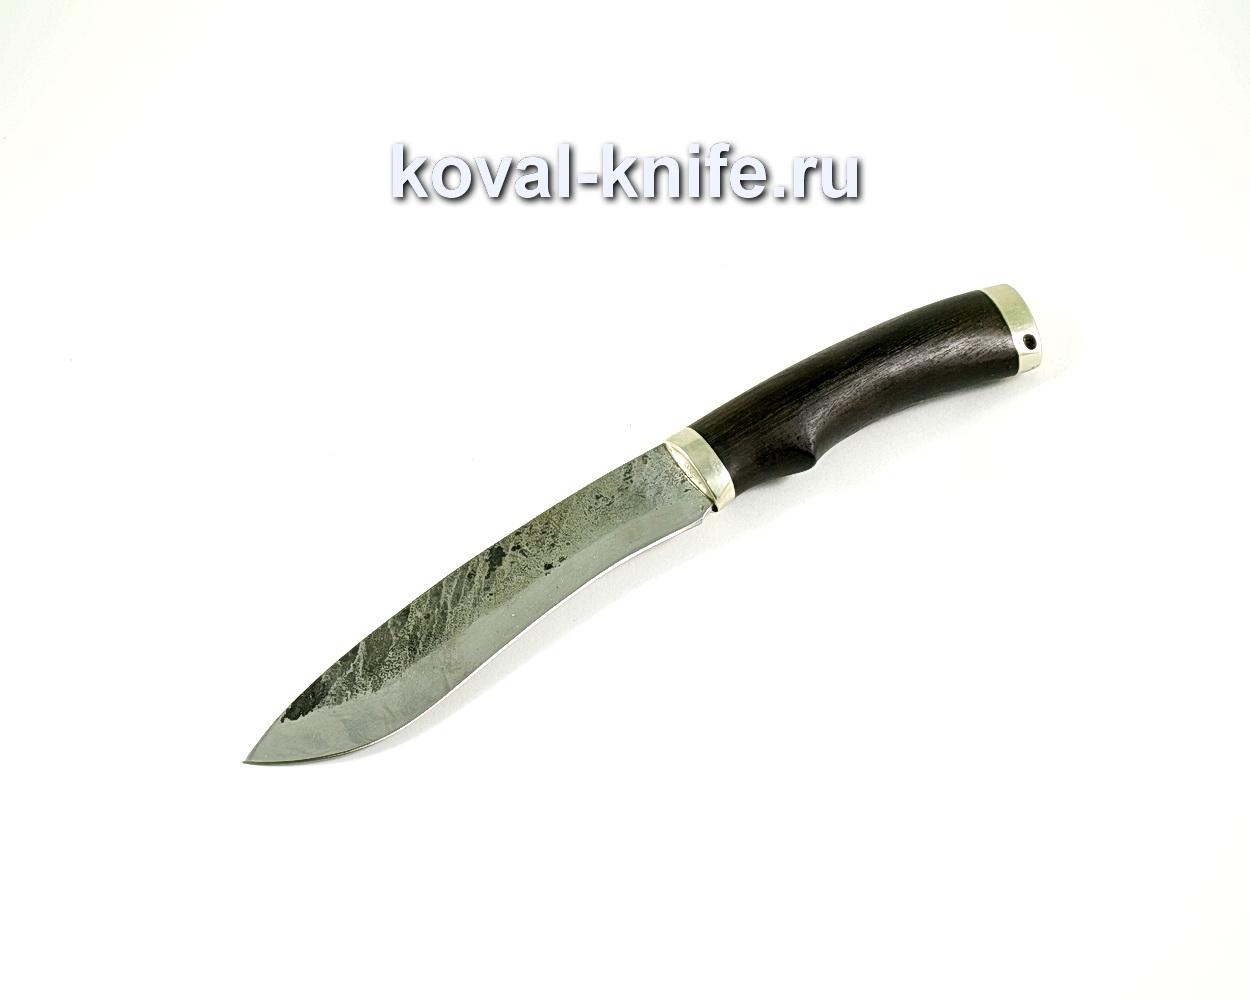 Нож Носорог (сталь 9хс), рукоять граб, литье A159